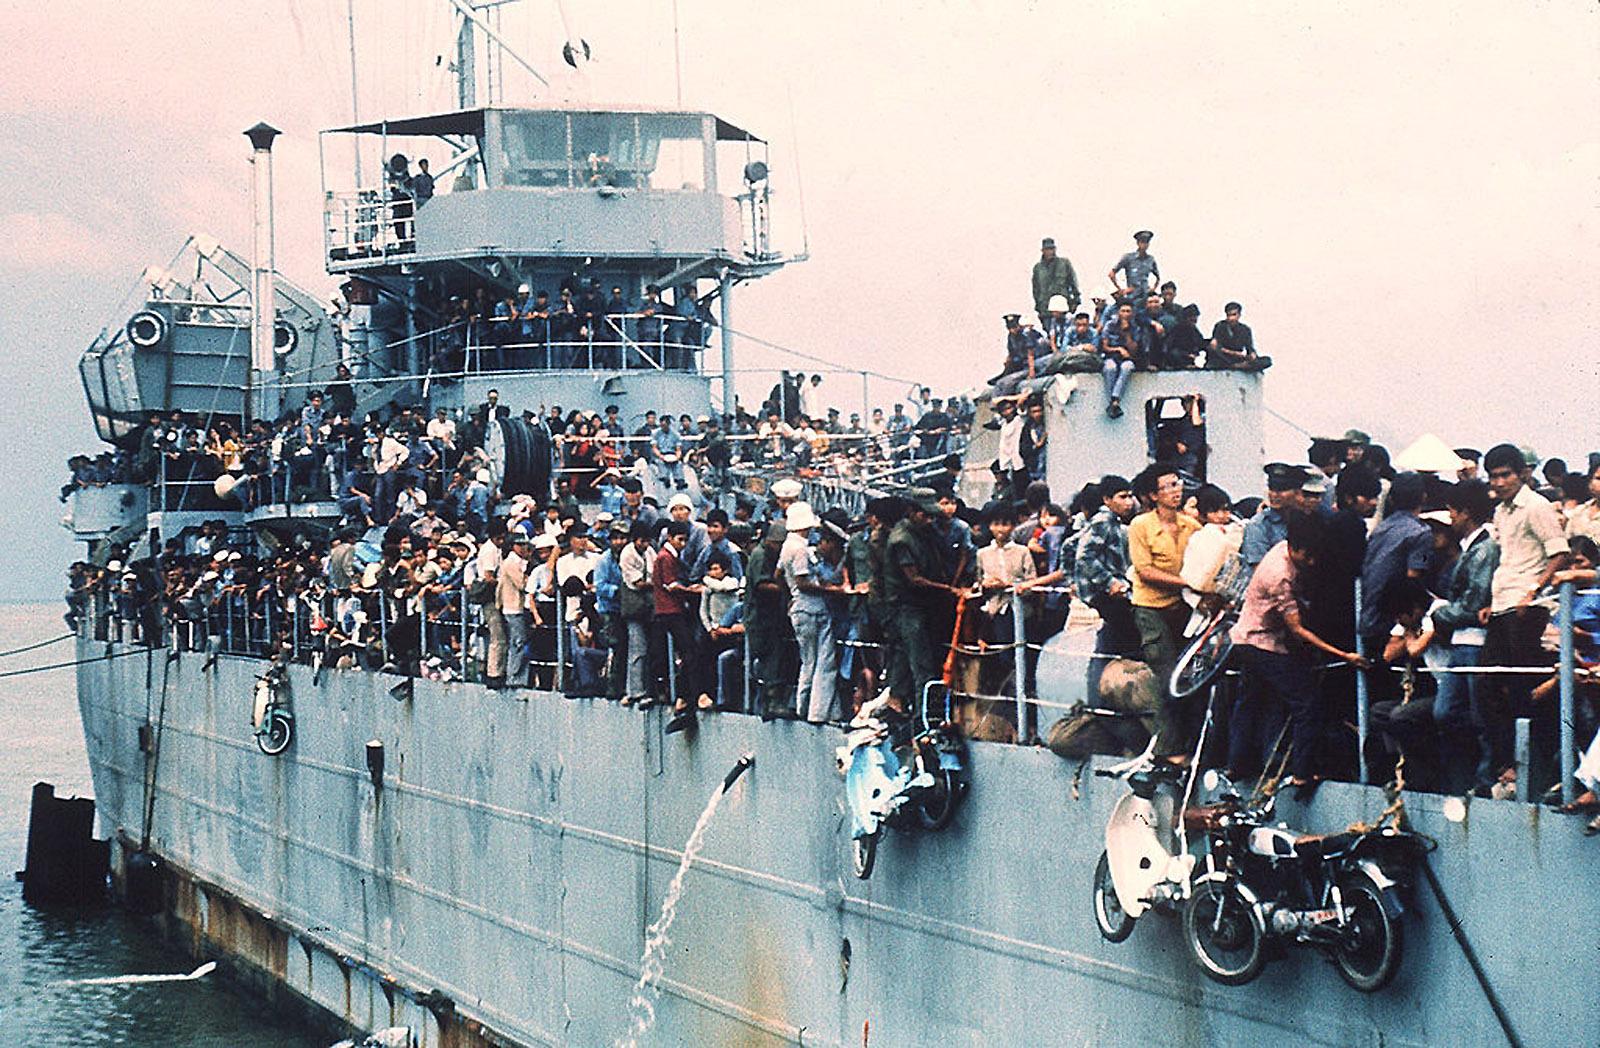 Южно-вьетнамский военно-морской корабль HQ-504, в котором размещено более 7000 беженцев, прибывает в порт Вунгтау